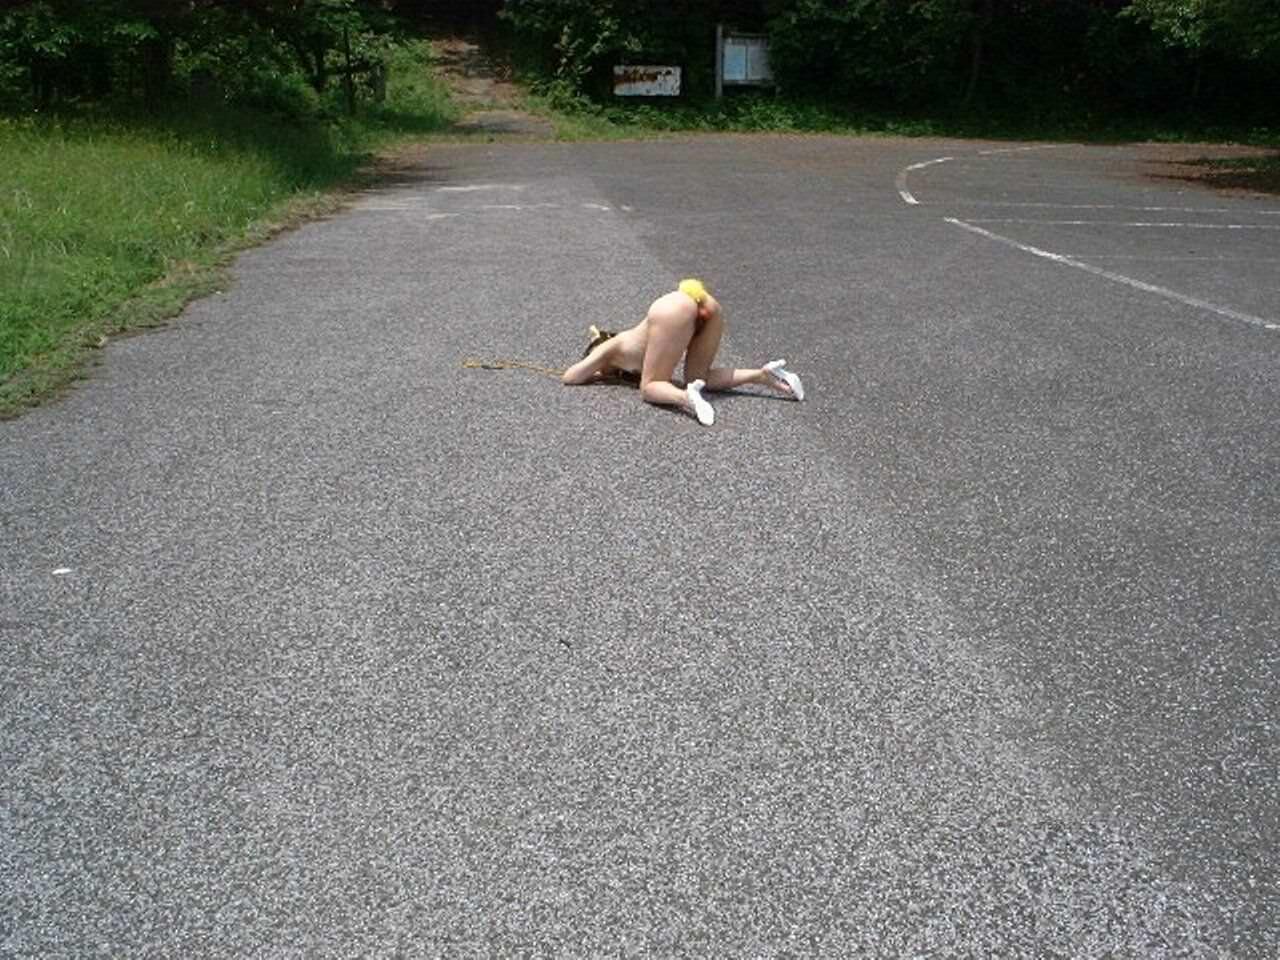 ド変態な露出狂女を遠目から撮影した素人エロ画像 10111